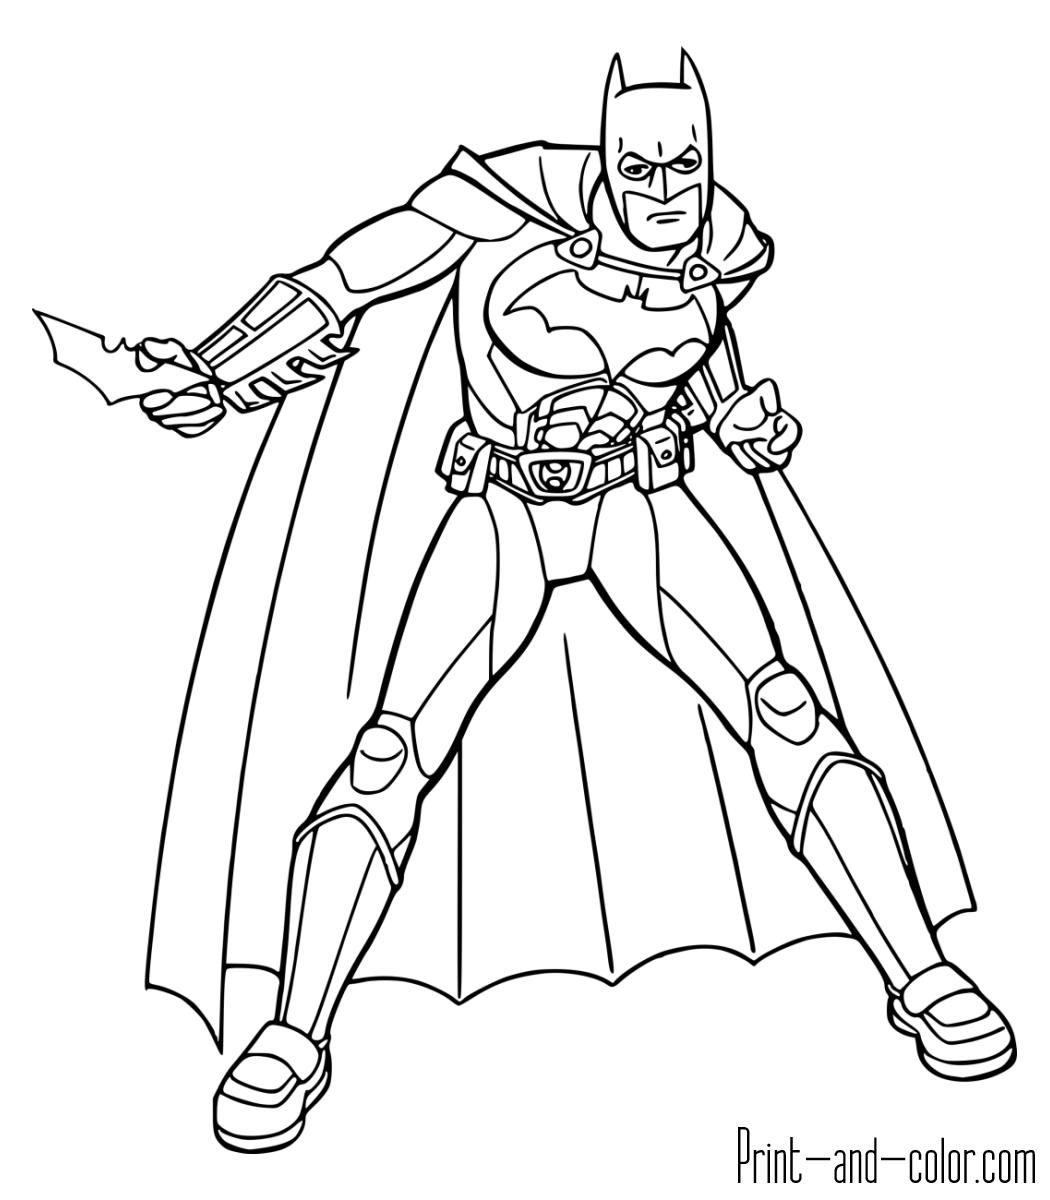 batman color page batman coloring pages print and colorcom color batman page